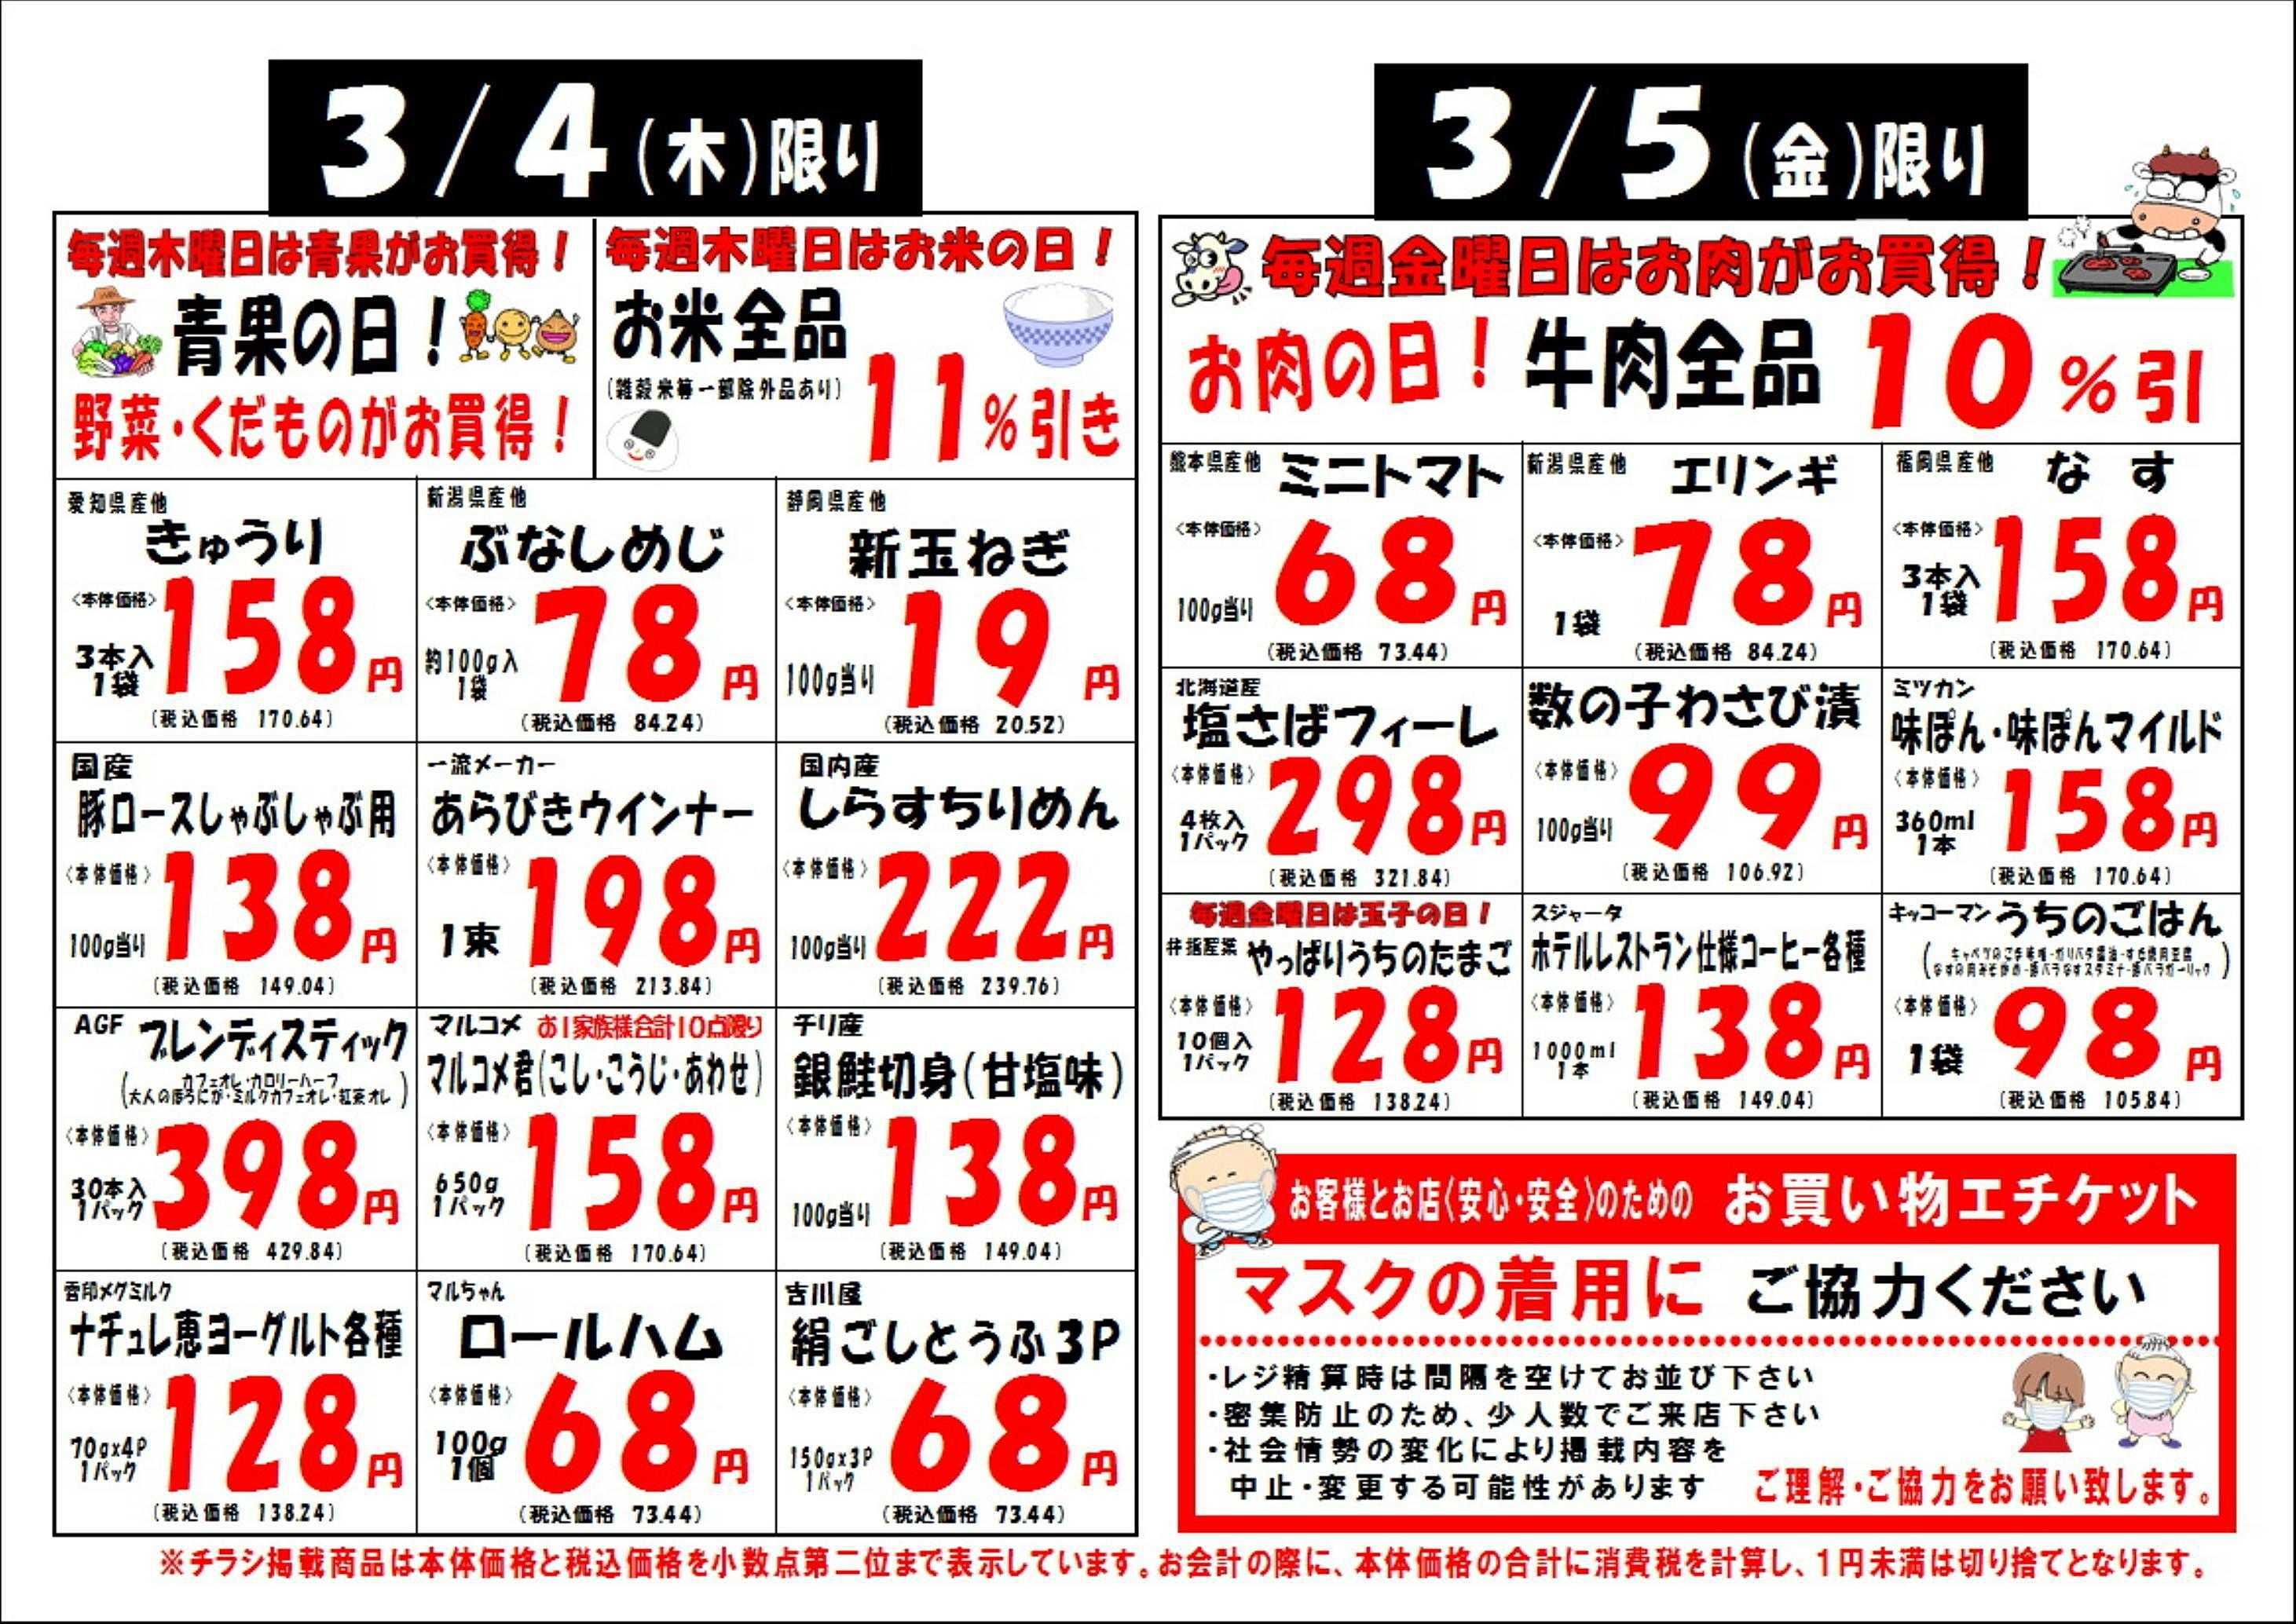 フードマーケット マム フレスポ店 お買得チラシ 3/2~3/5